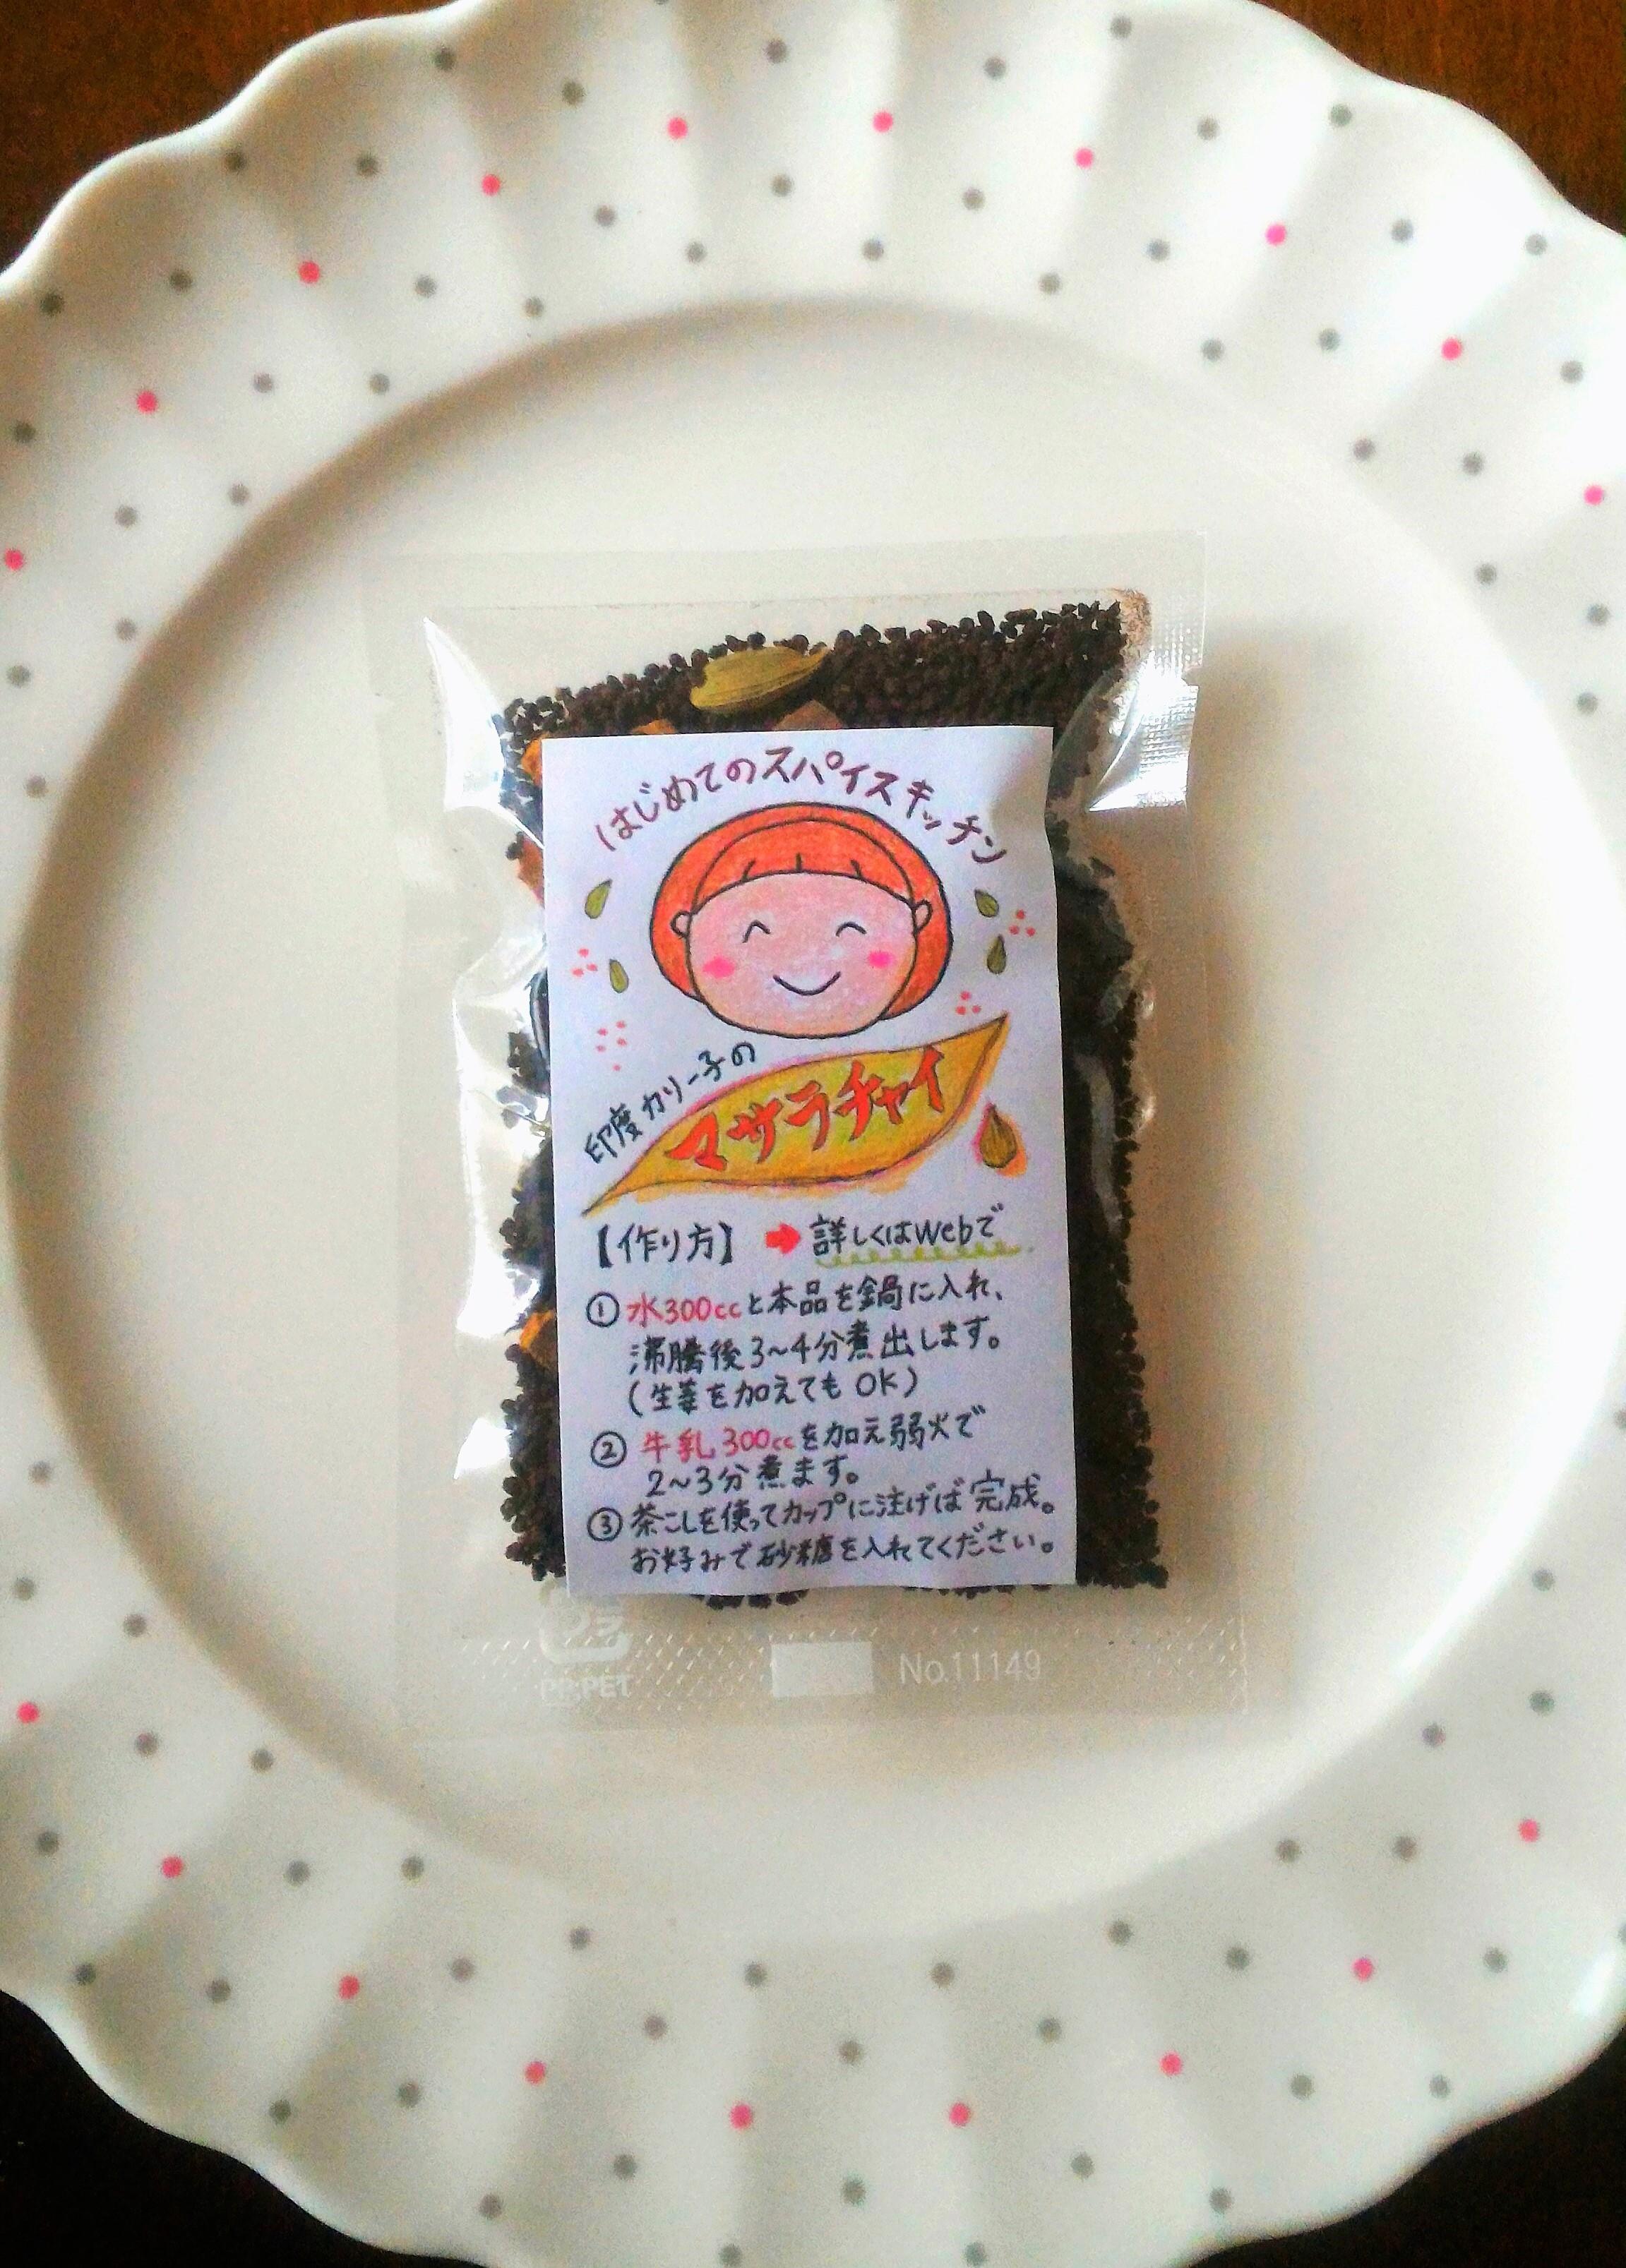 【1.2L~1.5L用】マサラチャイ 4種のスパイス&アッサム茶